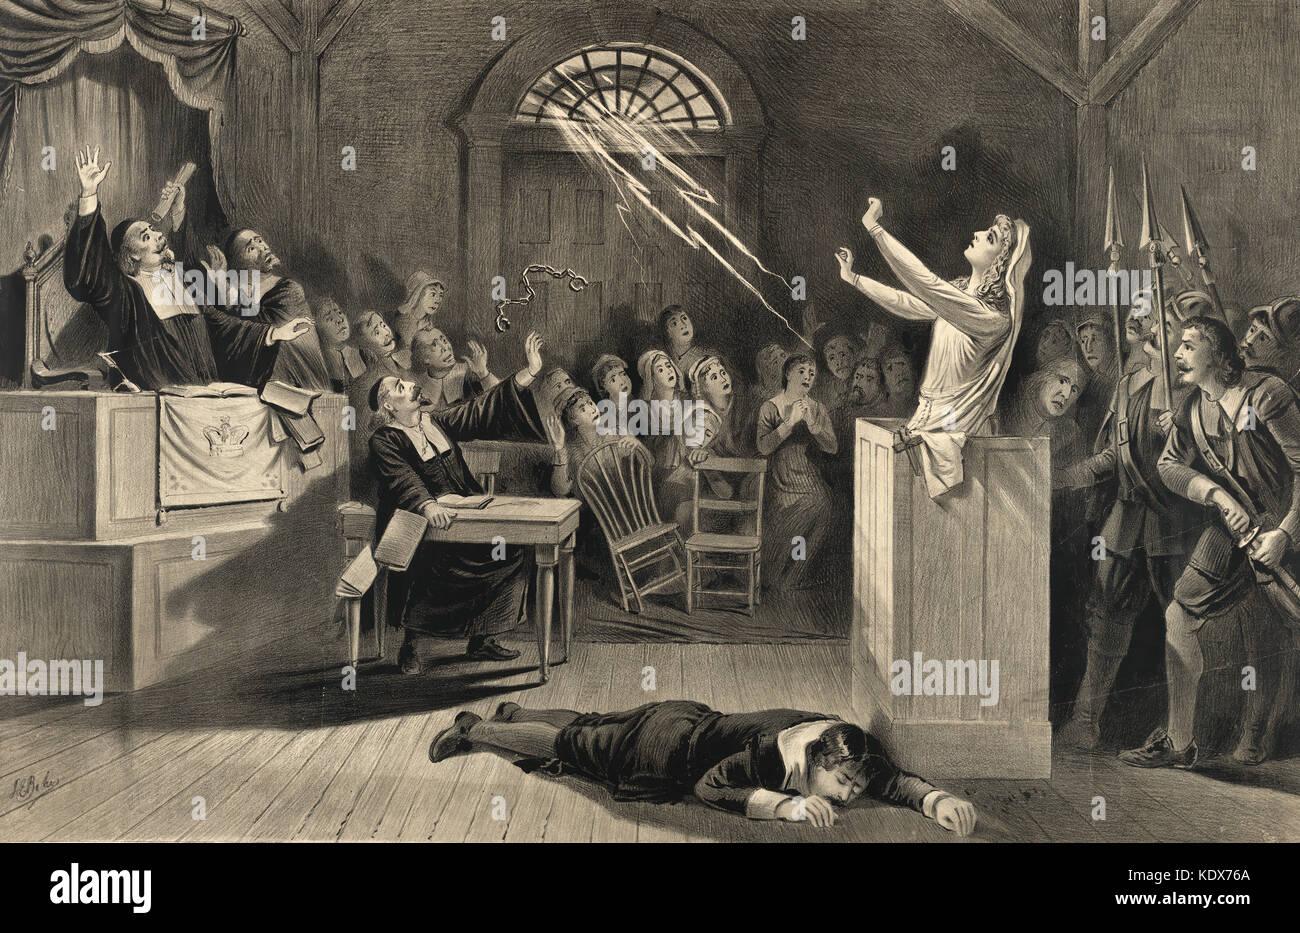 Salem Witch Trials, 1692 - 1693 Stockbild